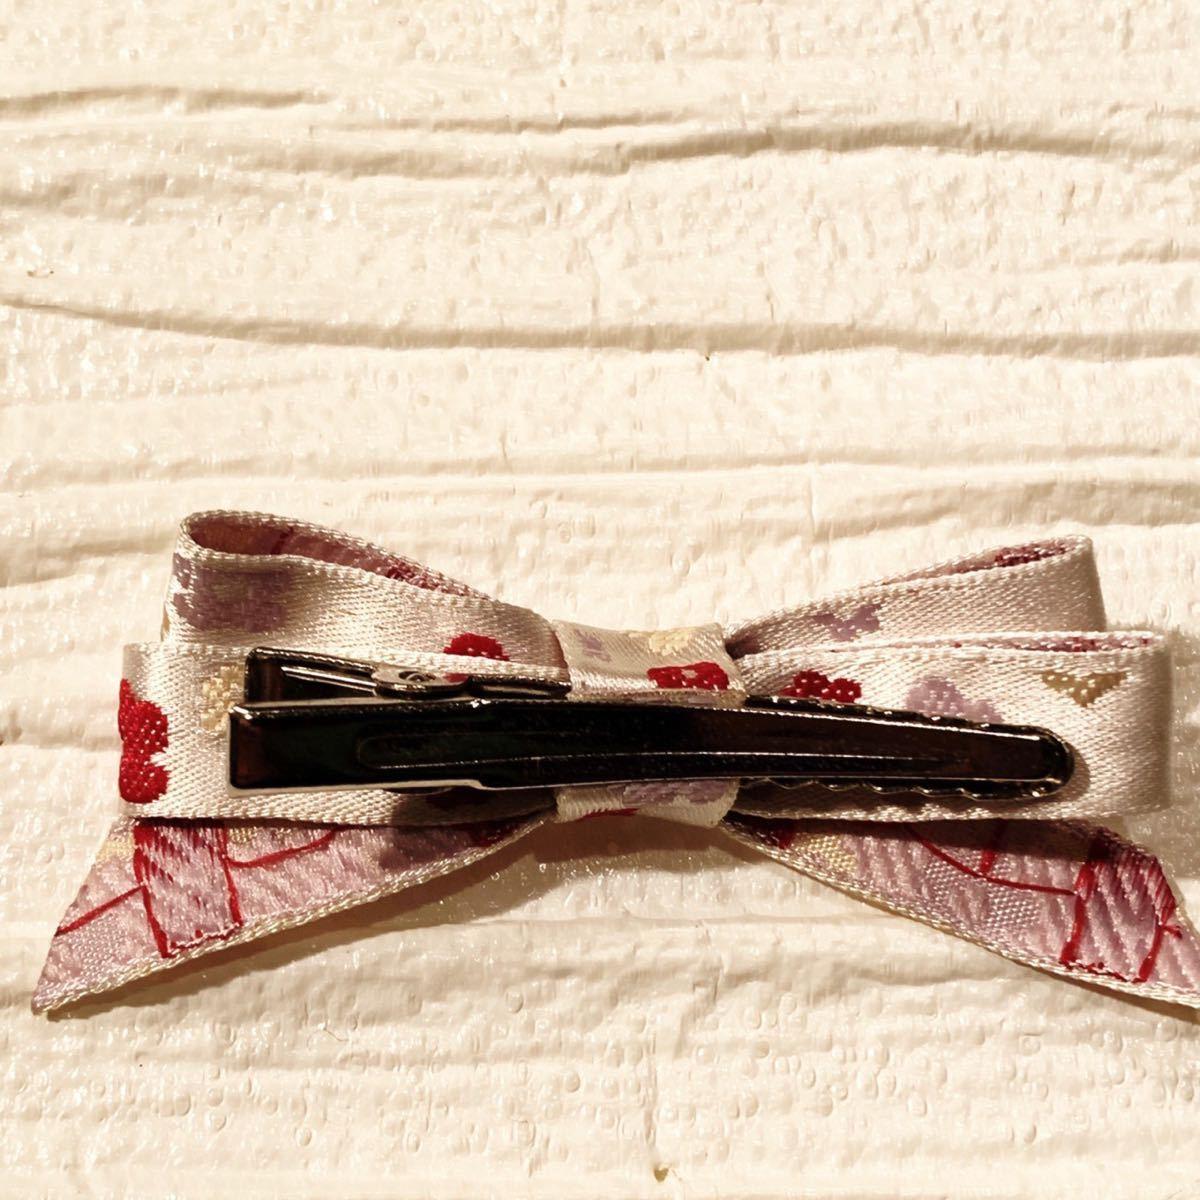 ハンドメイド 花の刺繍リボンクリップ ヘアピン ヘアアクセサリー〈新品未使用〉_画像2